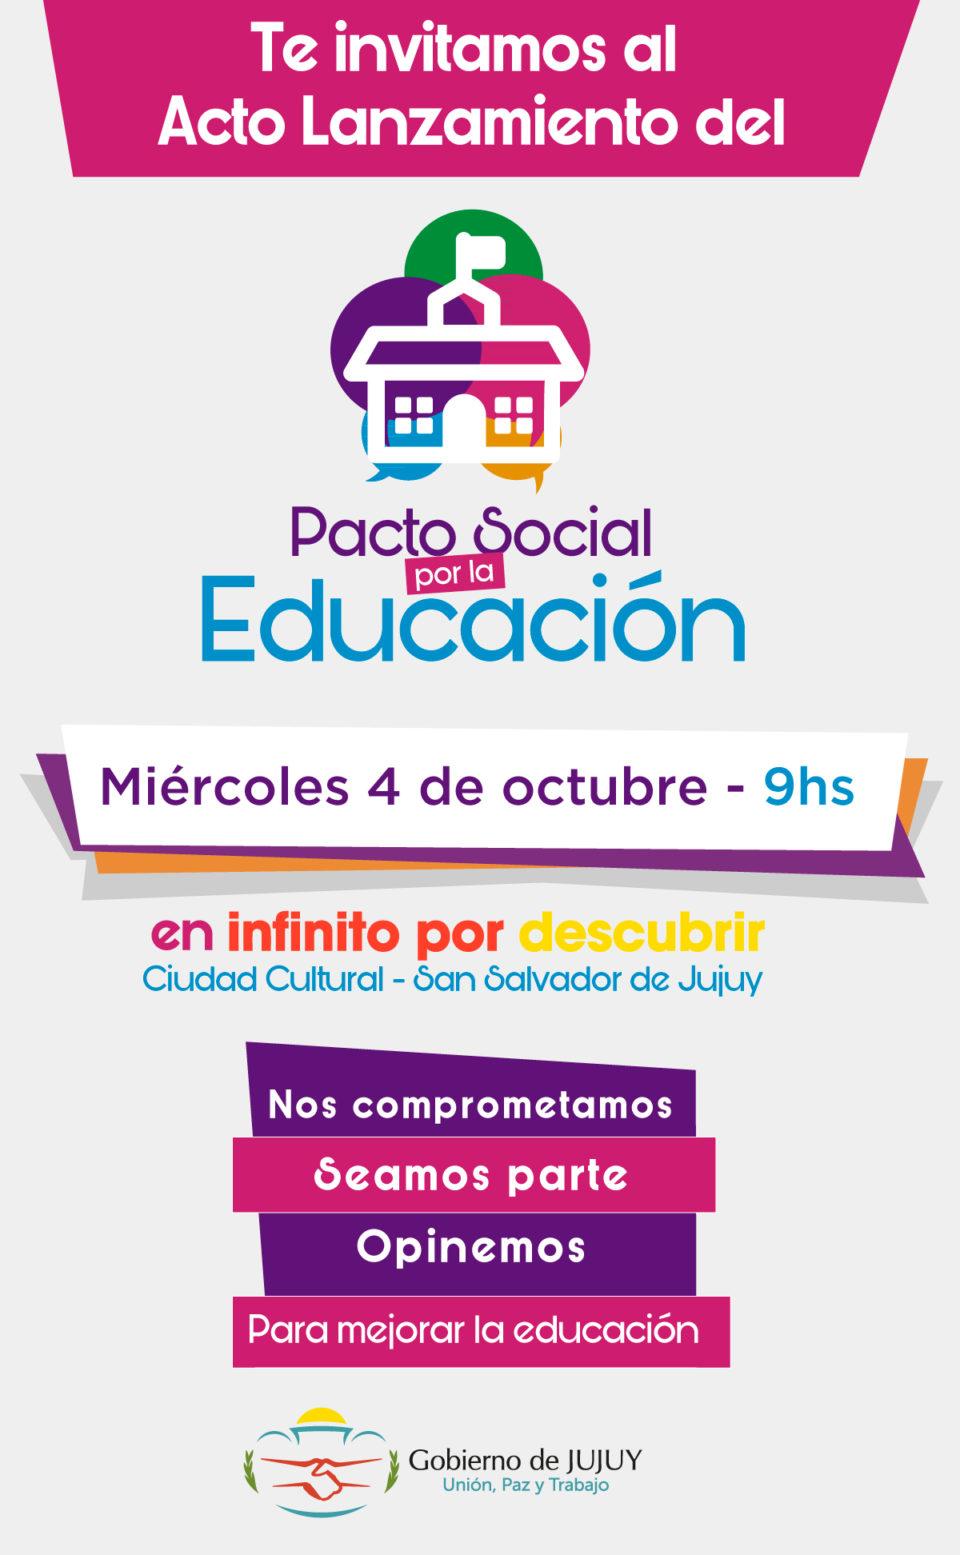 Jujuy lanza el Pacto Social por la Educación